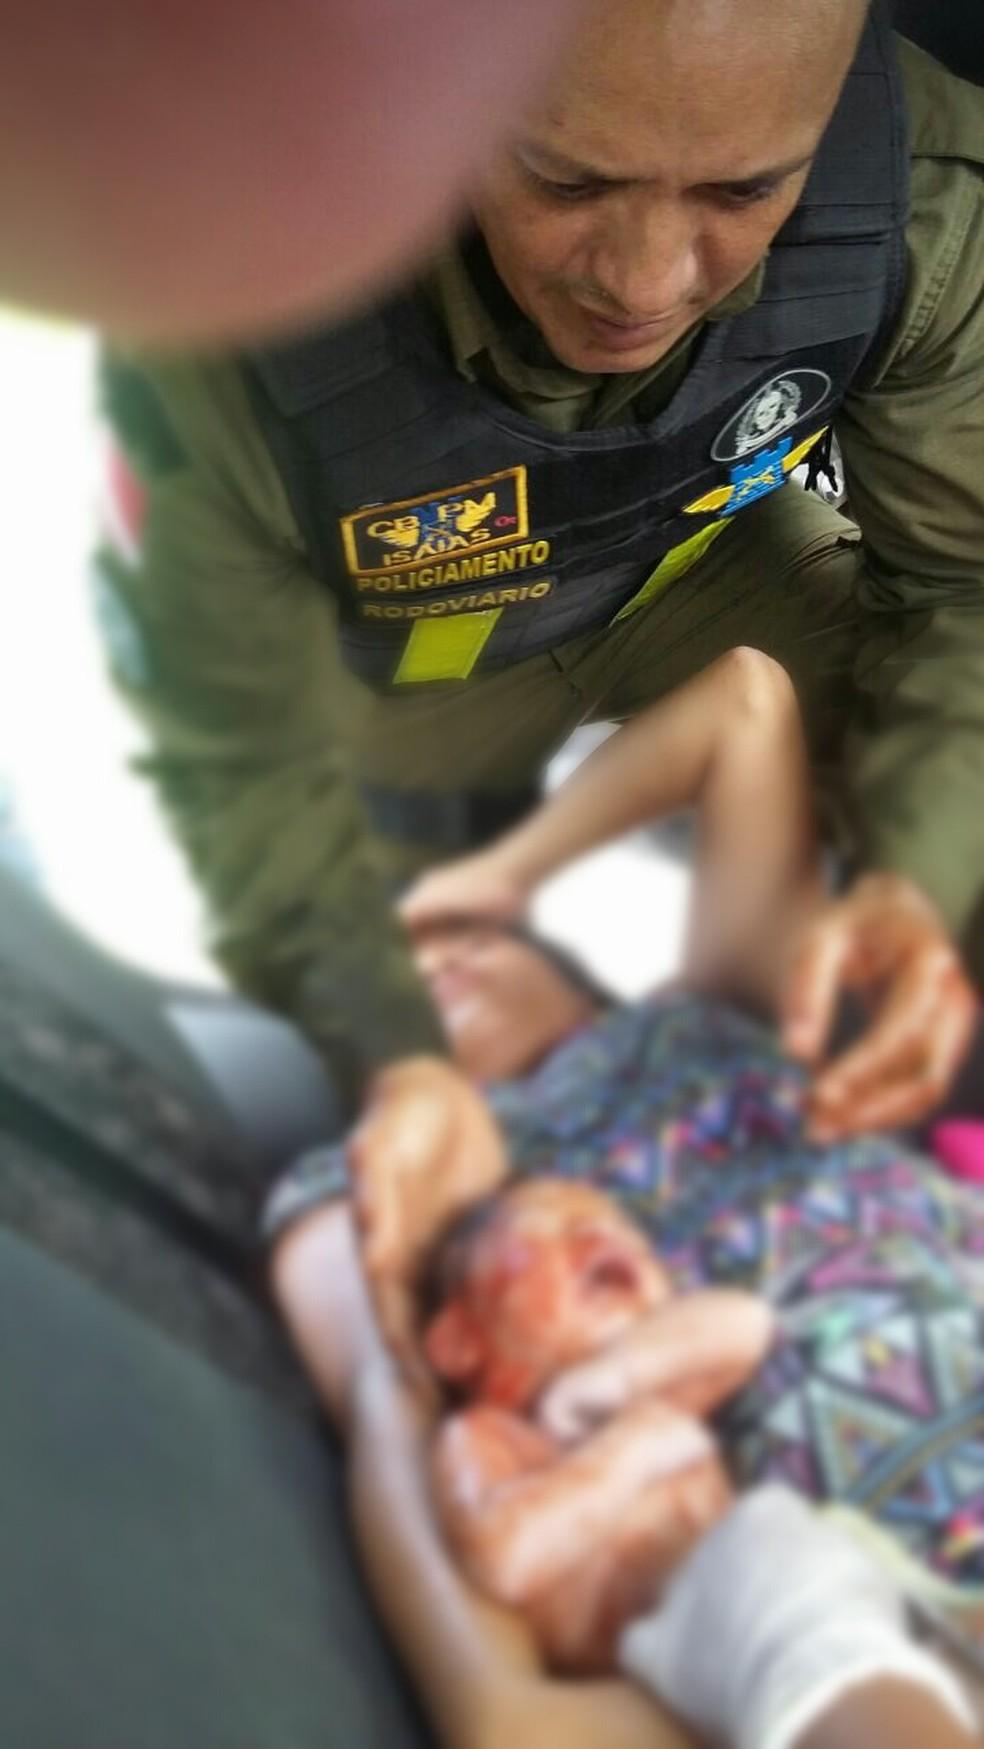 Momento em que Cabo Isaias realizou o parto do menino (Foto: Reproção/Grupamento de Policiamento Rodoviária Estadual)